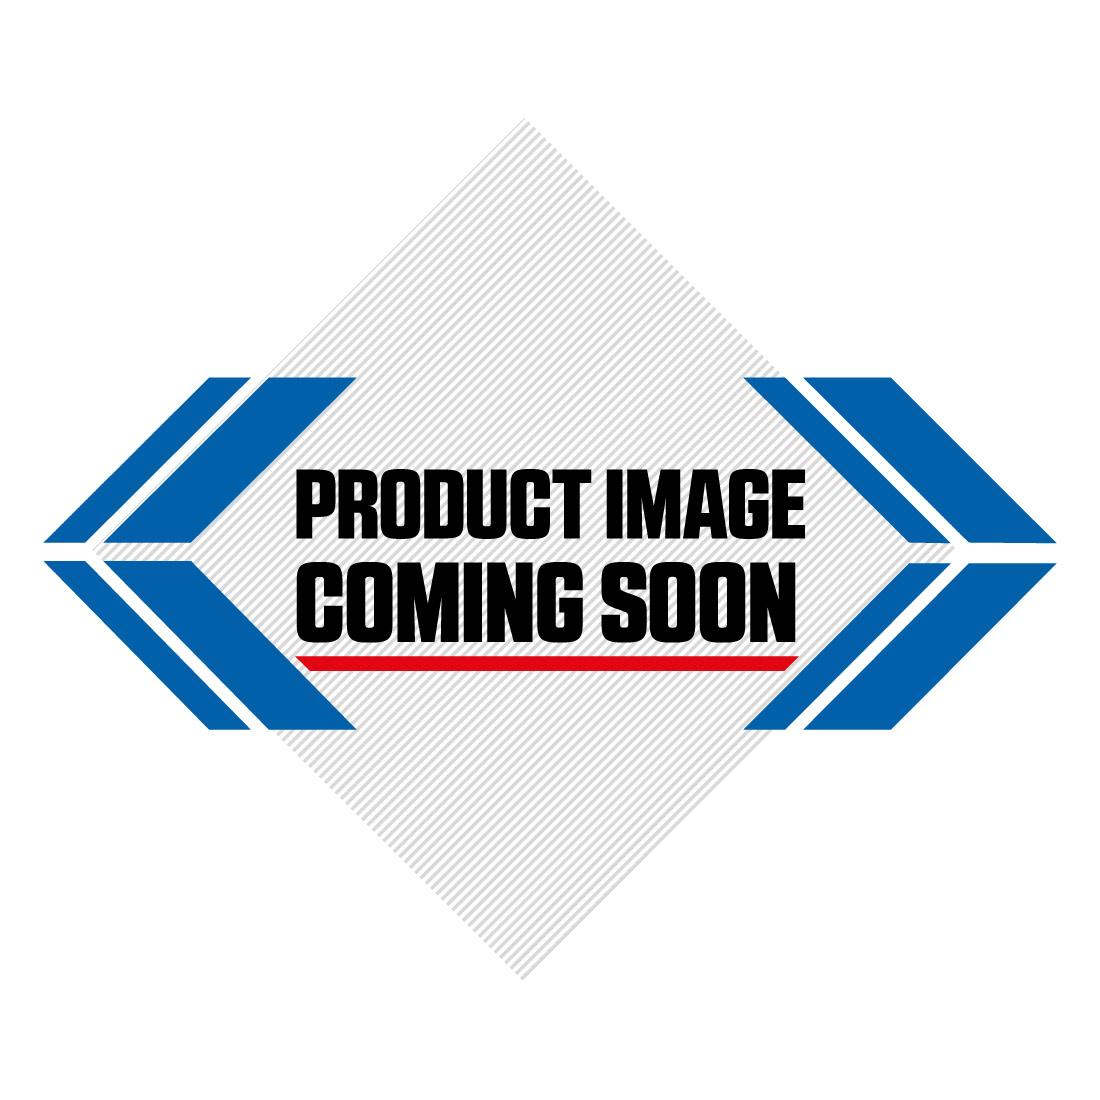 Kawasaki Plastic Kit KX 125 250 (99-02) OEM Factory Image-4